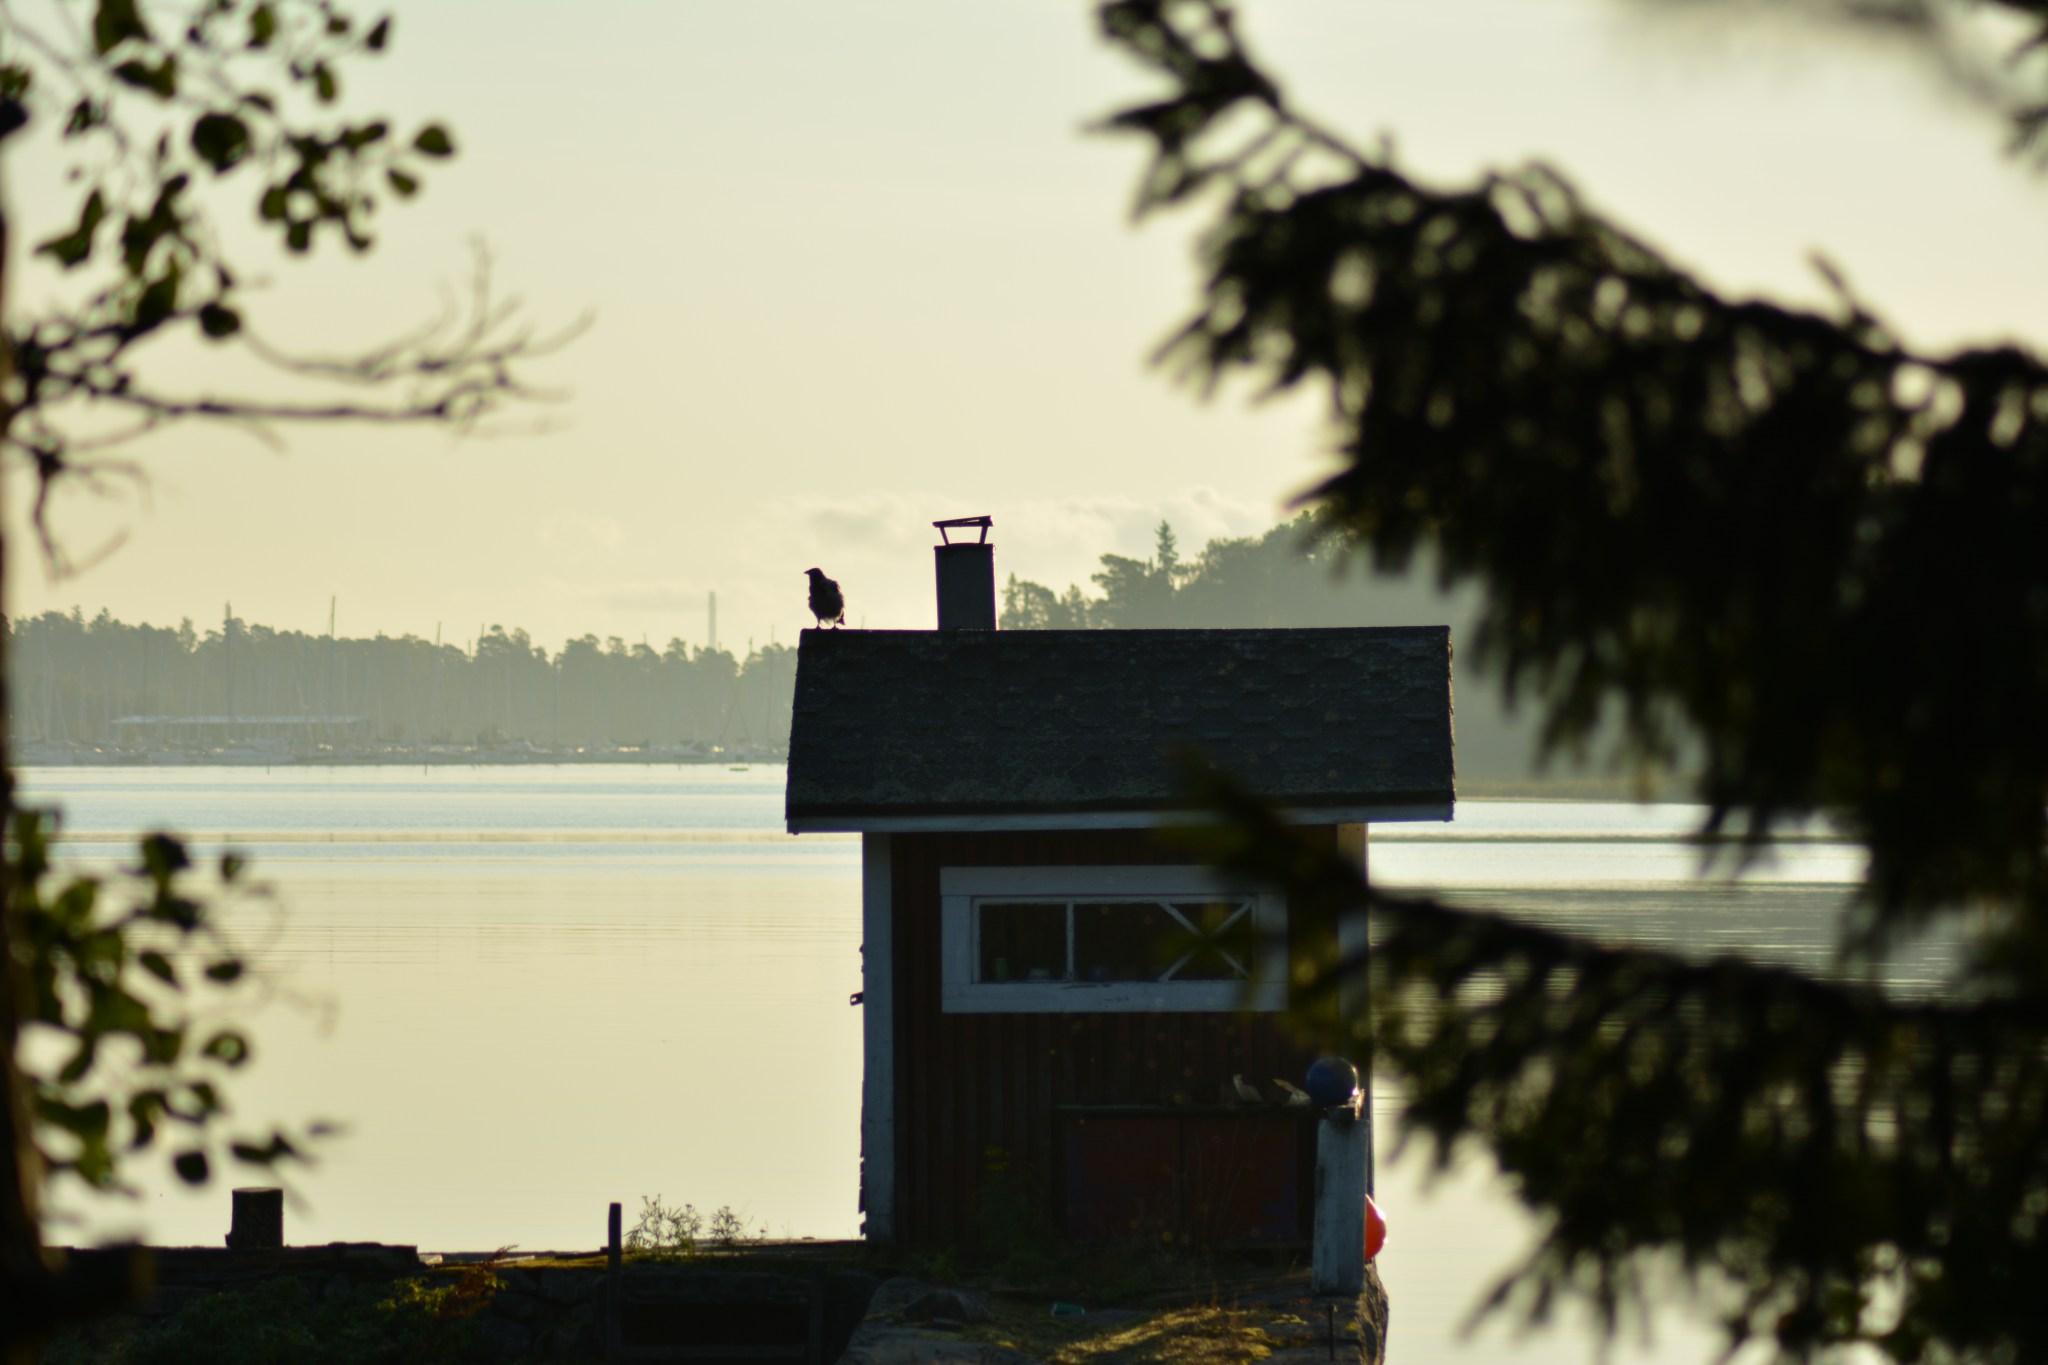 Varis aamuauringossa saunan katolla. Hetken kuluttua pikkukoira juoksi saunalle ajamaan variksen matkoihinsa ja olisin saanut loistavan tilannekuvan, mutta en löytänyt laukaisin-nappia!